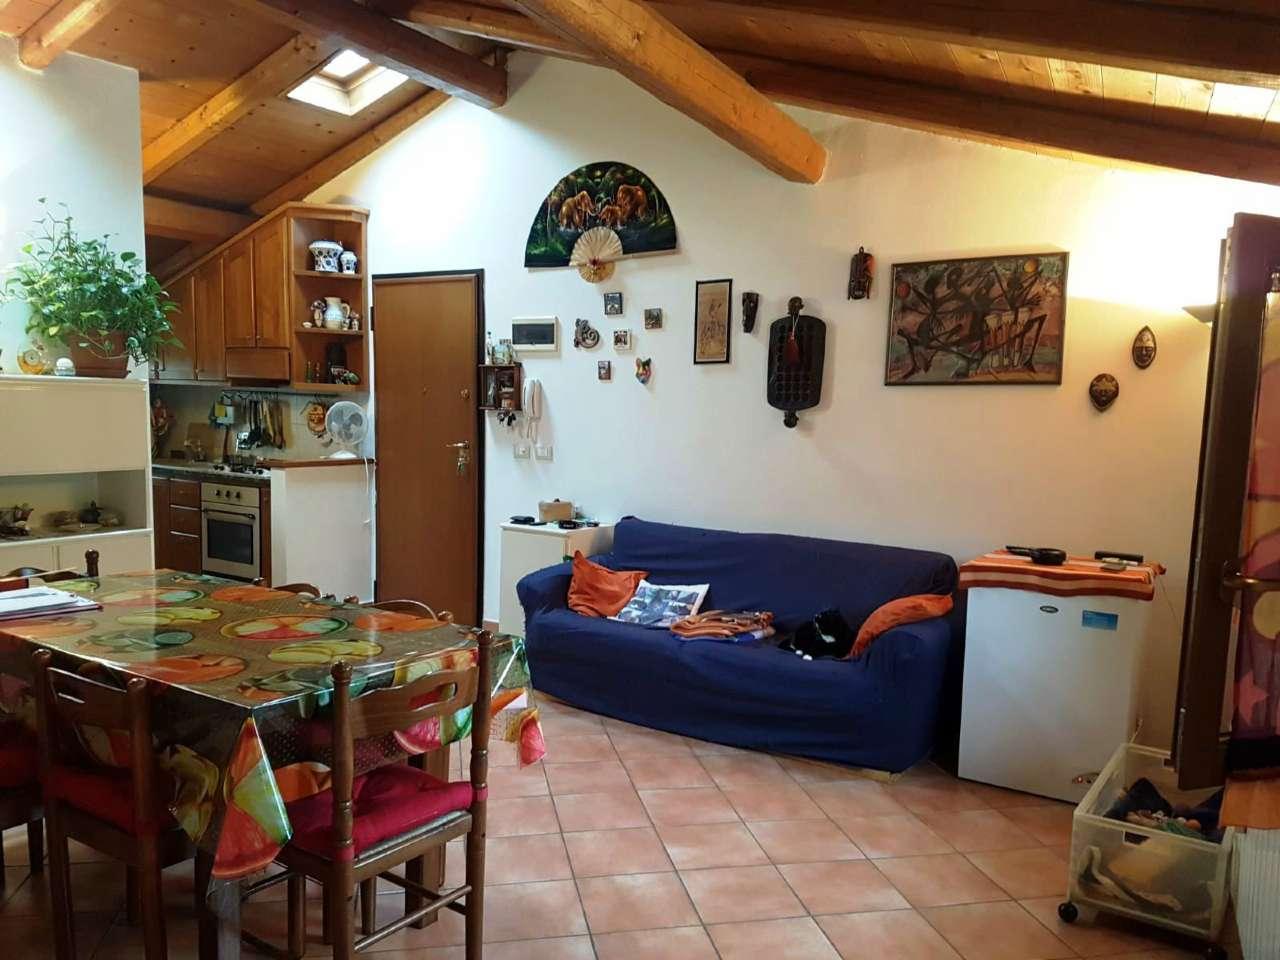 appartamento come nuovo due camere tetto in legno